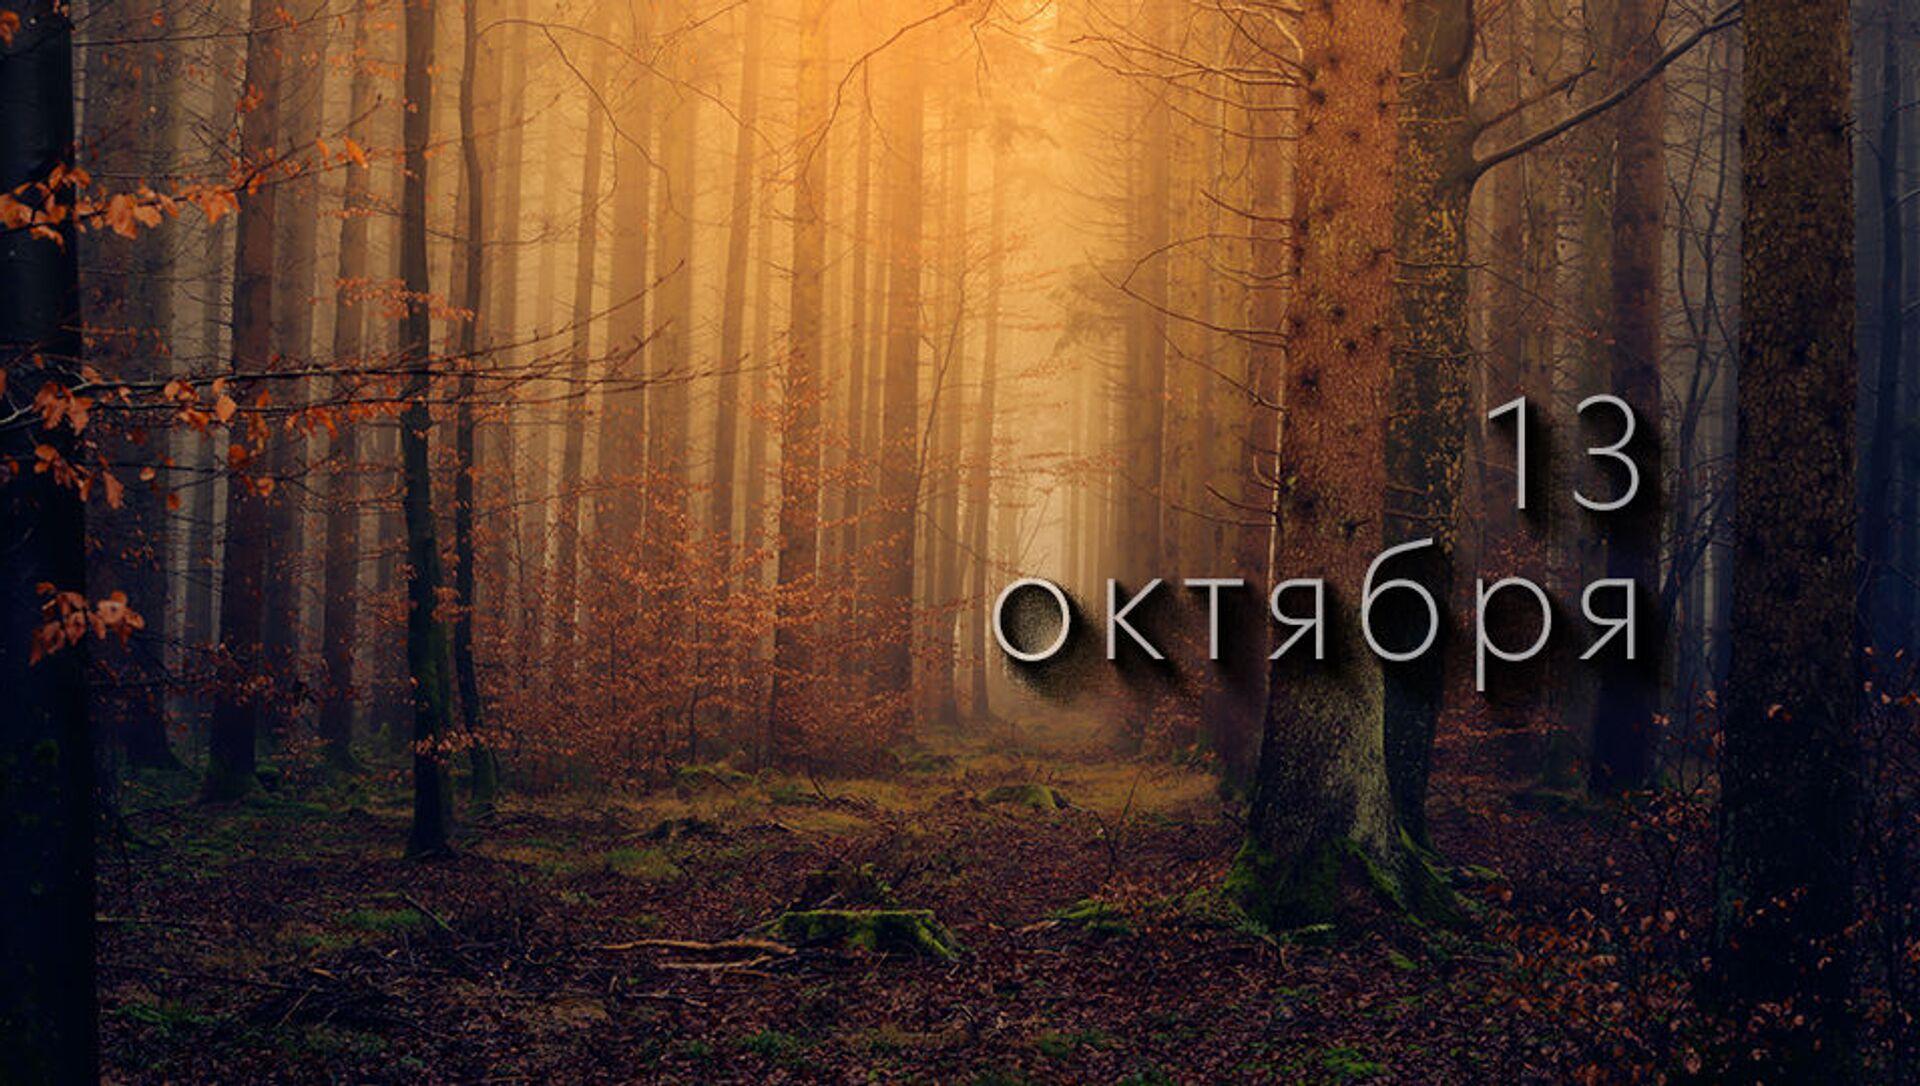 День 13 октября - Sputnik Южная Осетия, 1920, 12.10.2021